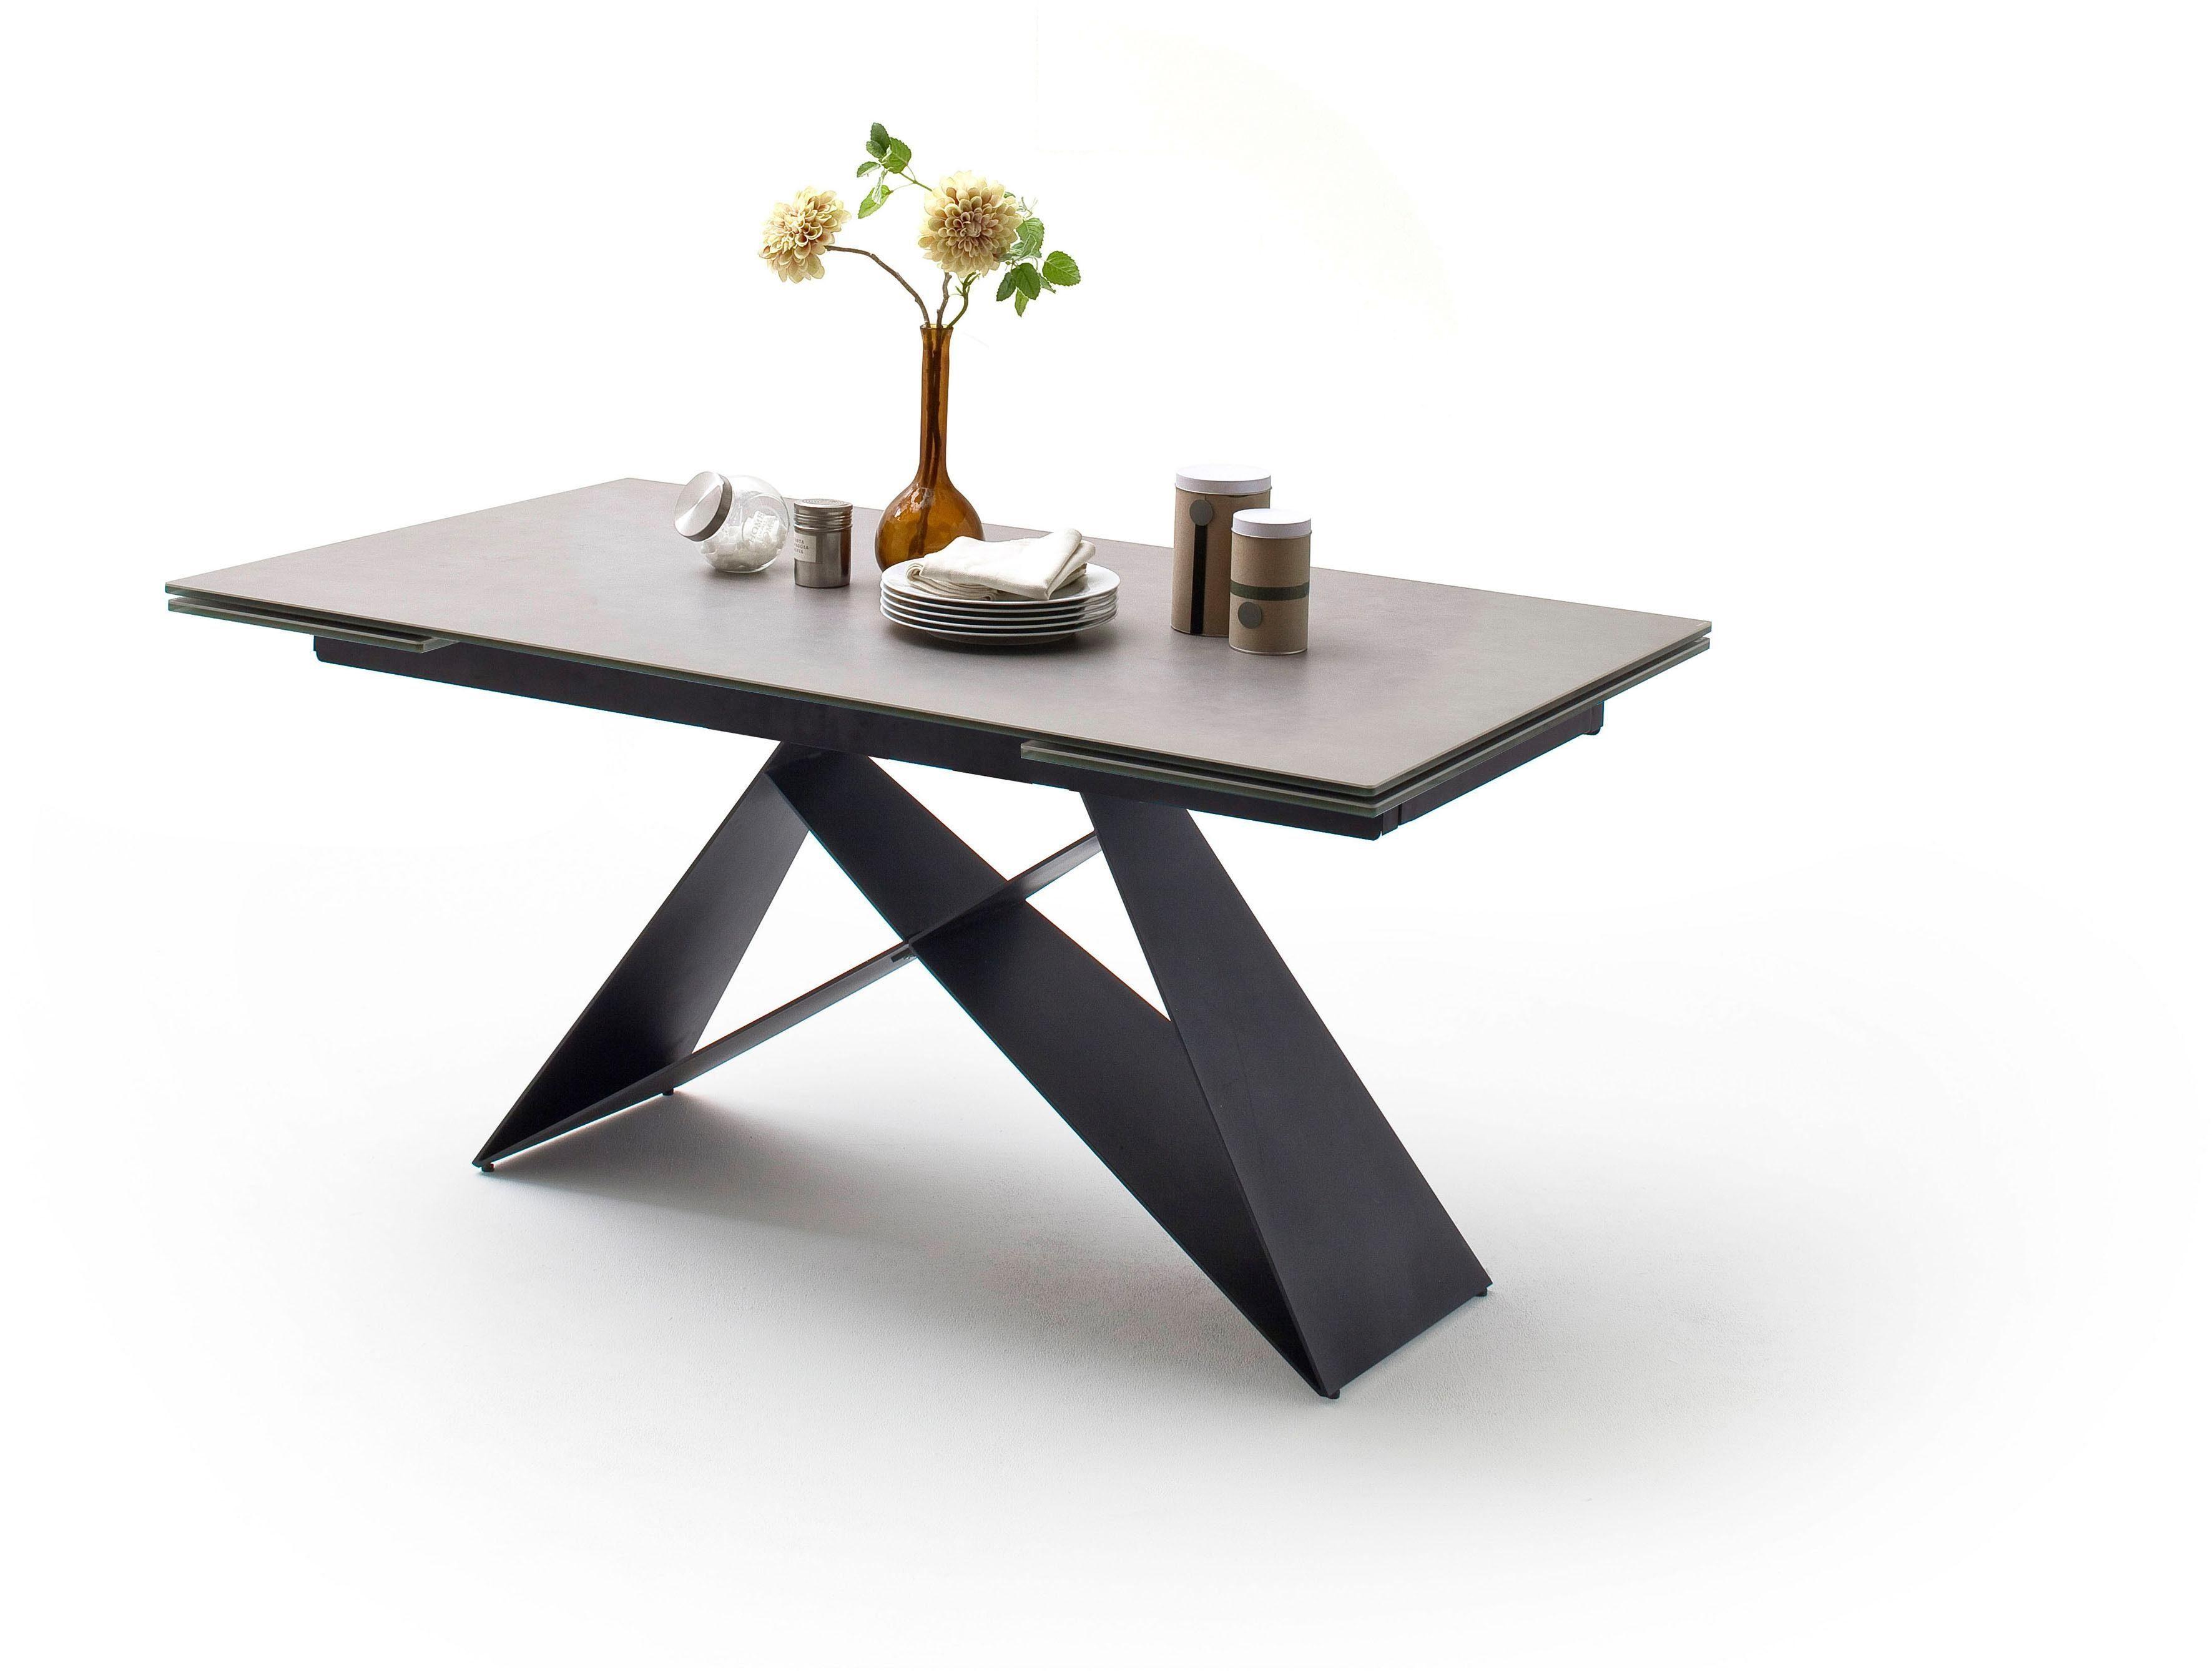 MCA furniture Esstisch »Kobe«, Esstisch Glas Keramik mit Stirnauszug online kaufen | OTTO